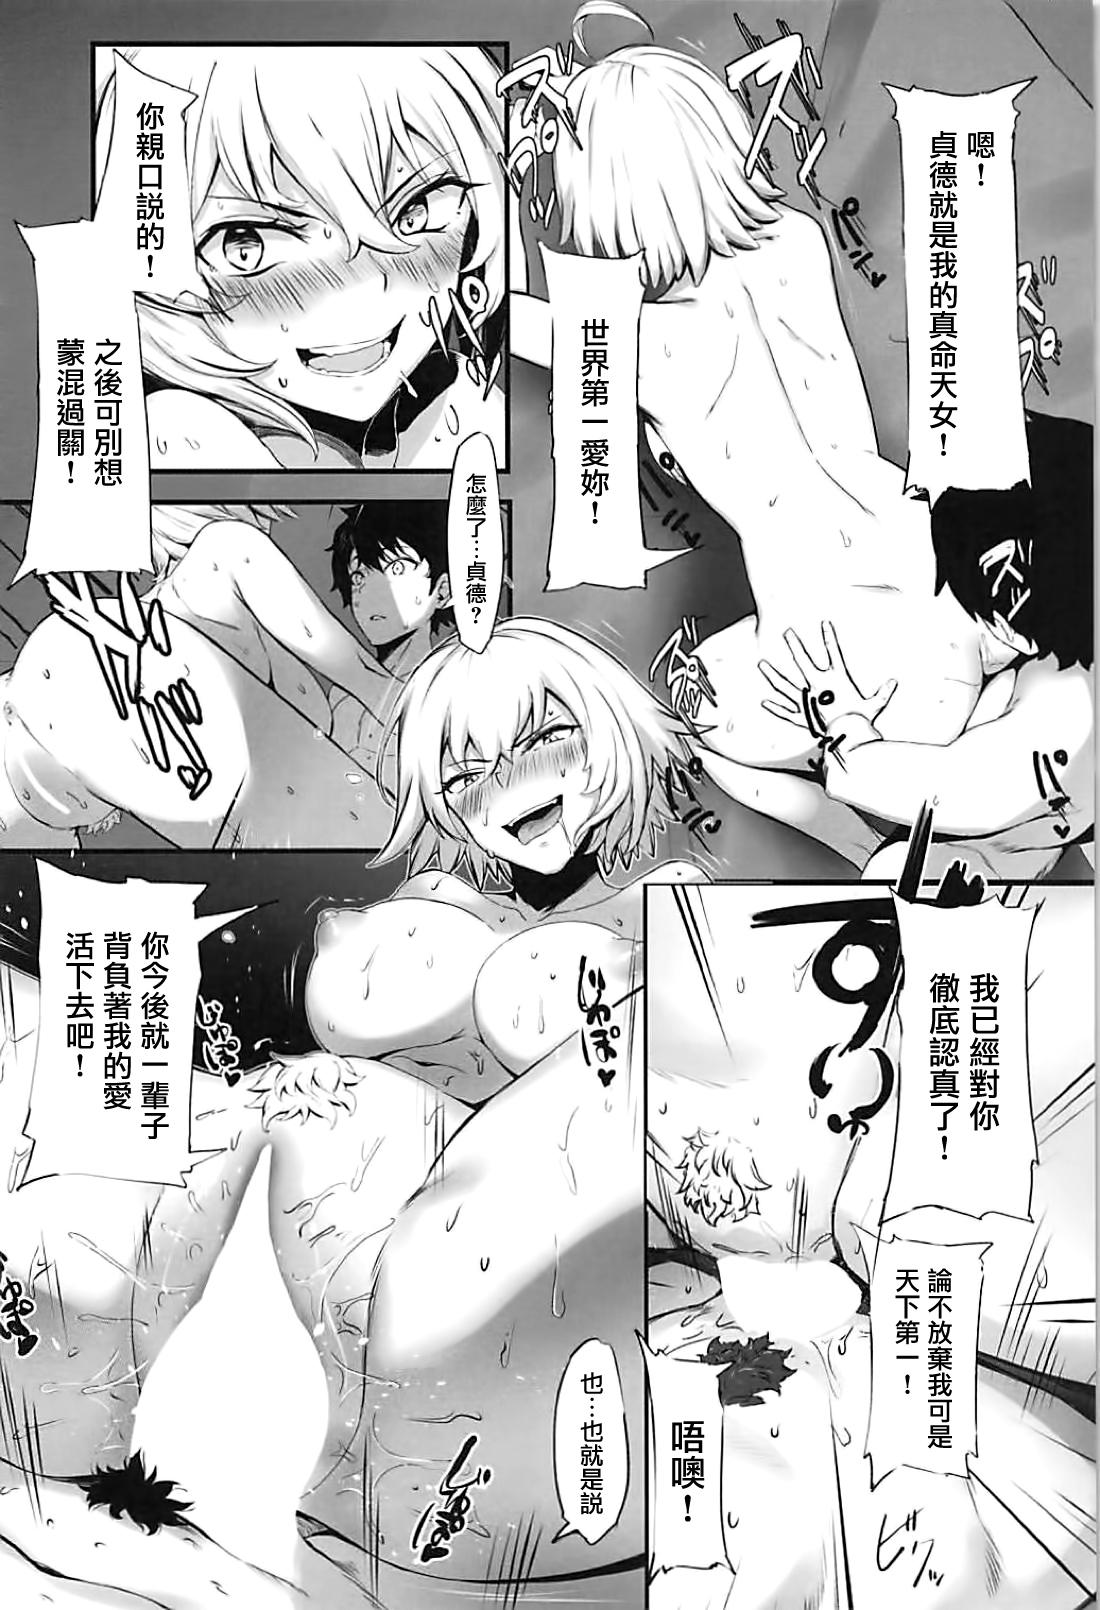 Jeanne to Nakayoshi Mujintou Seikatsu 14